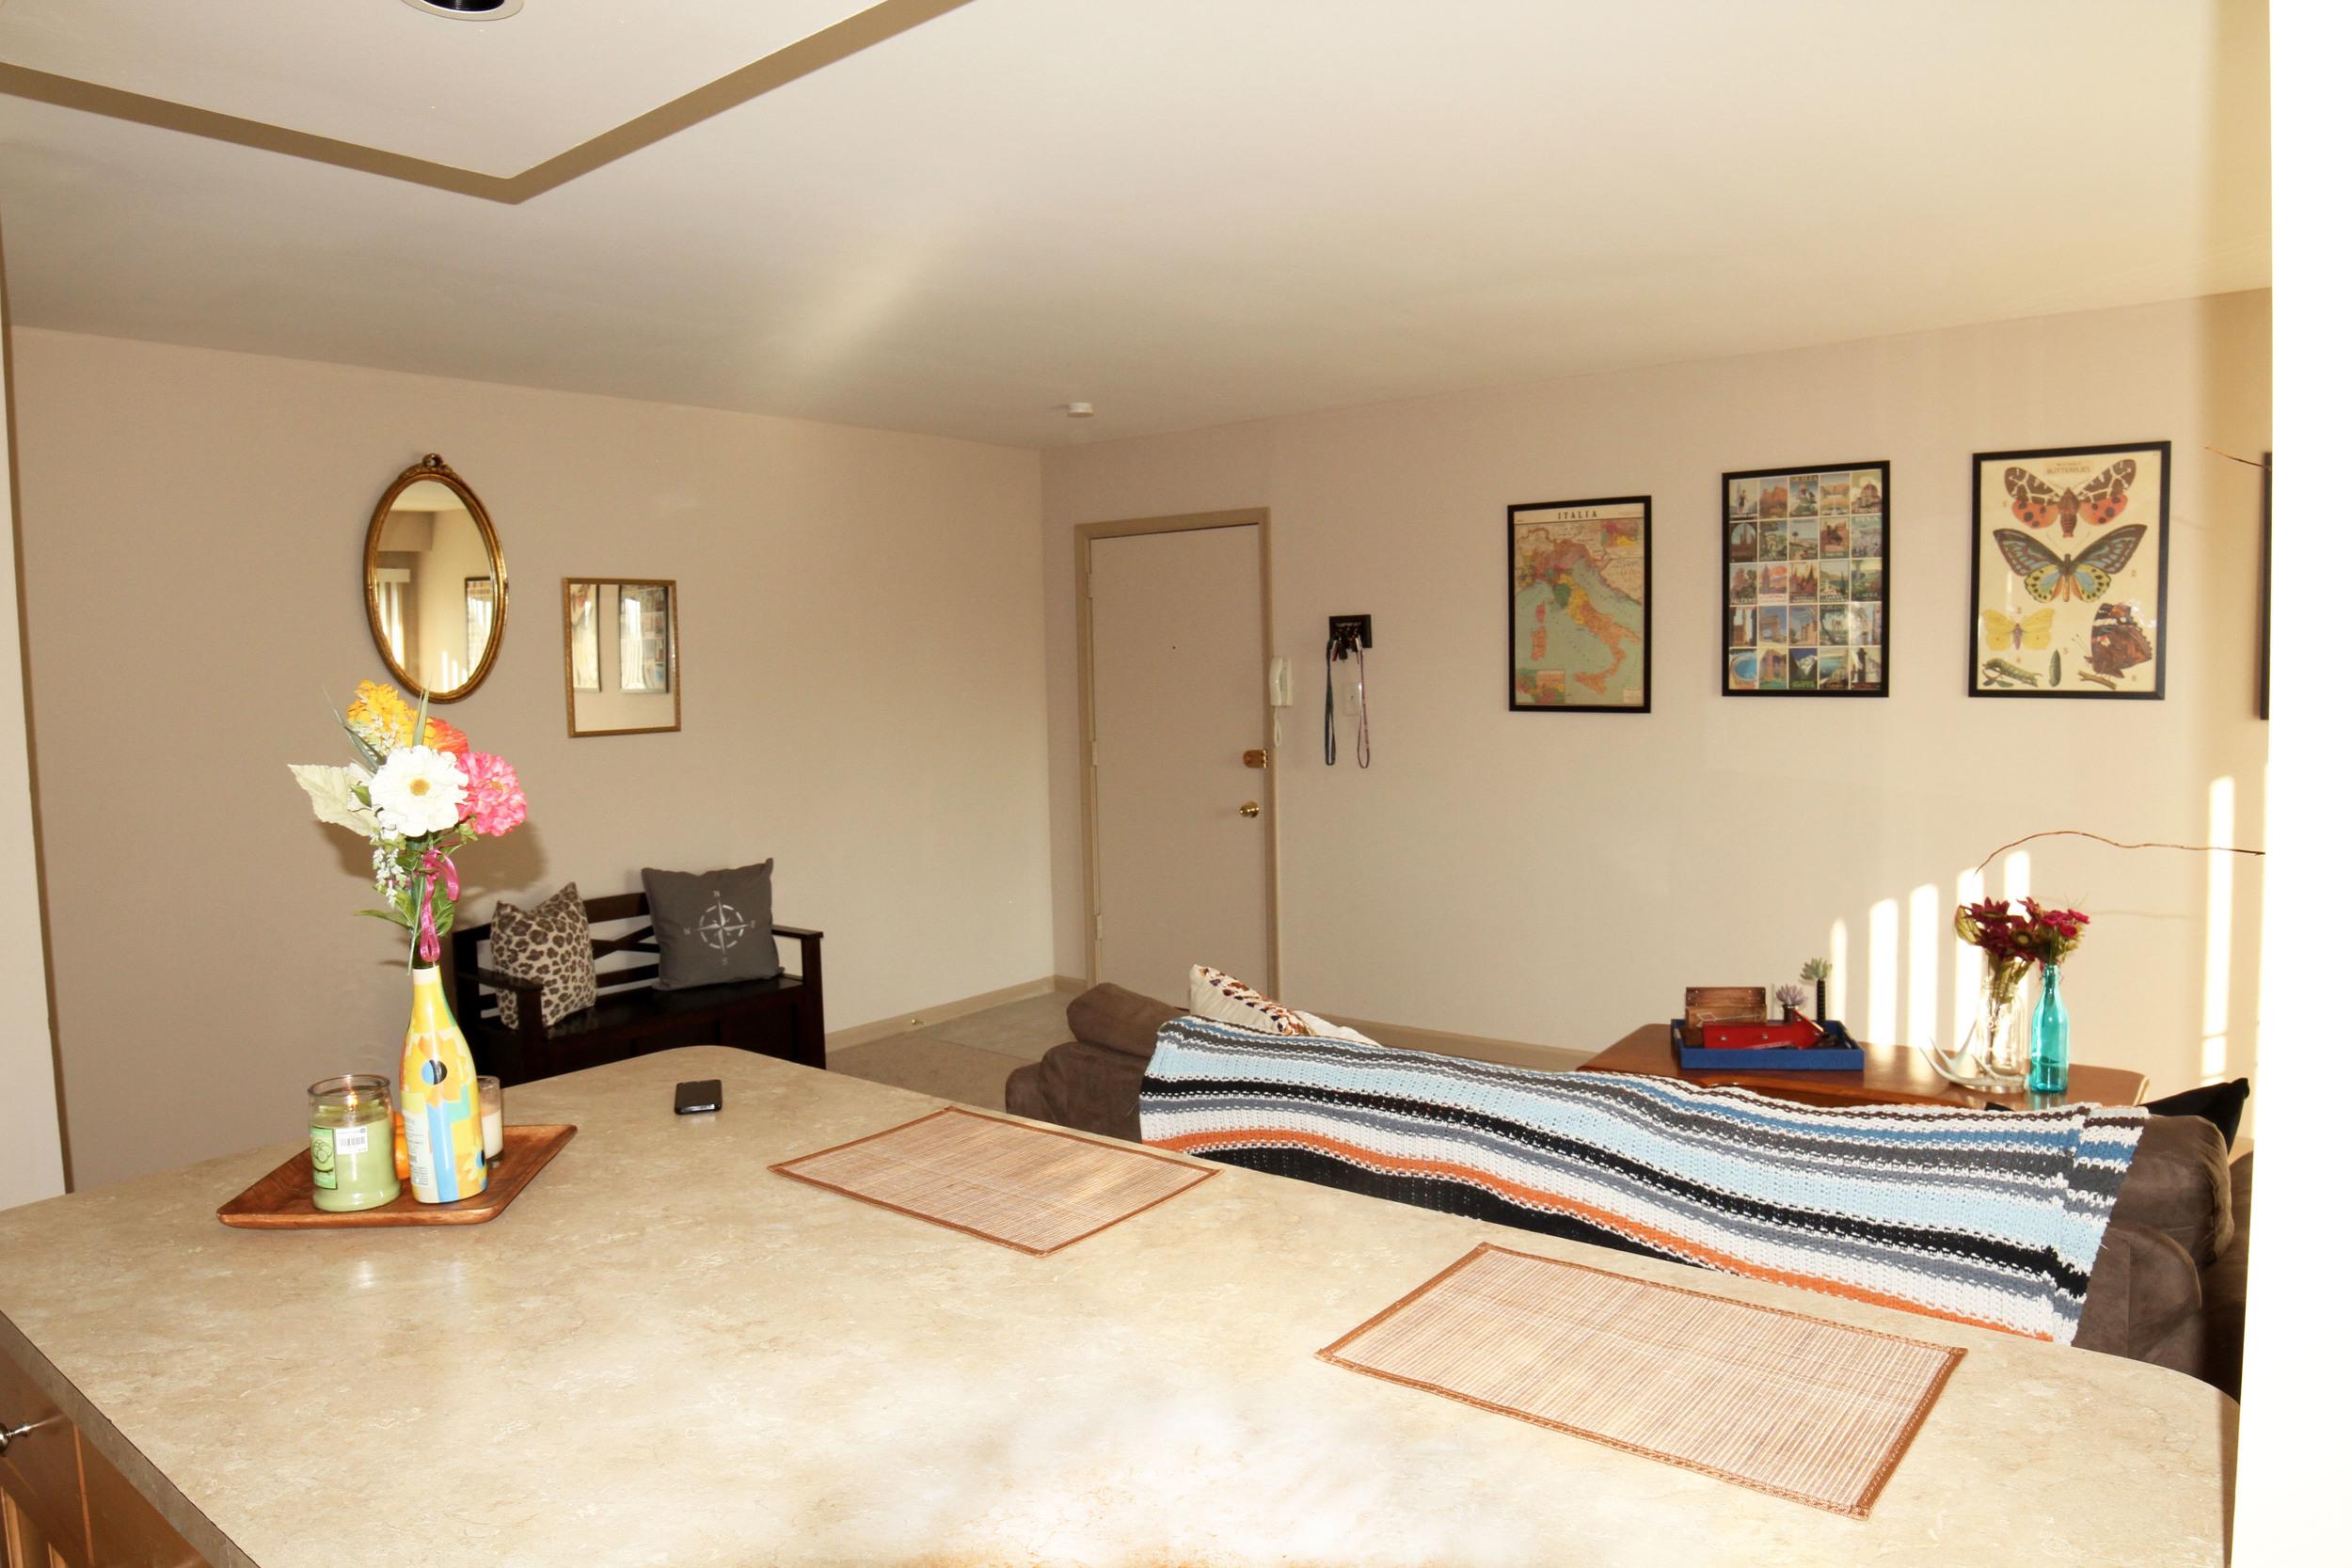 mainroom2.jpg